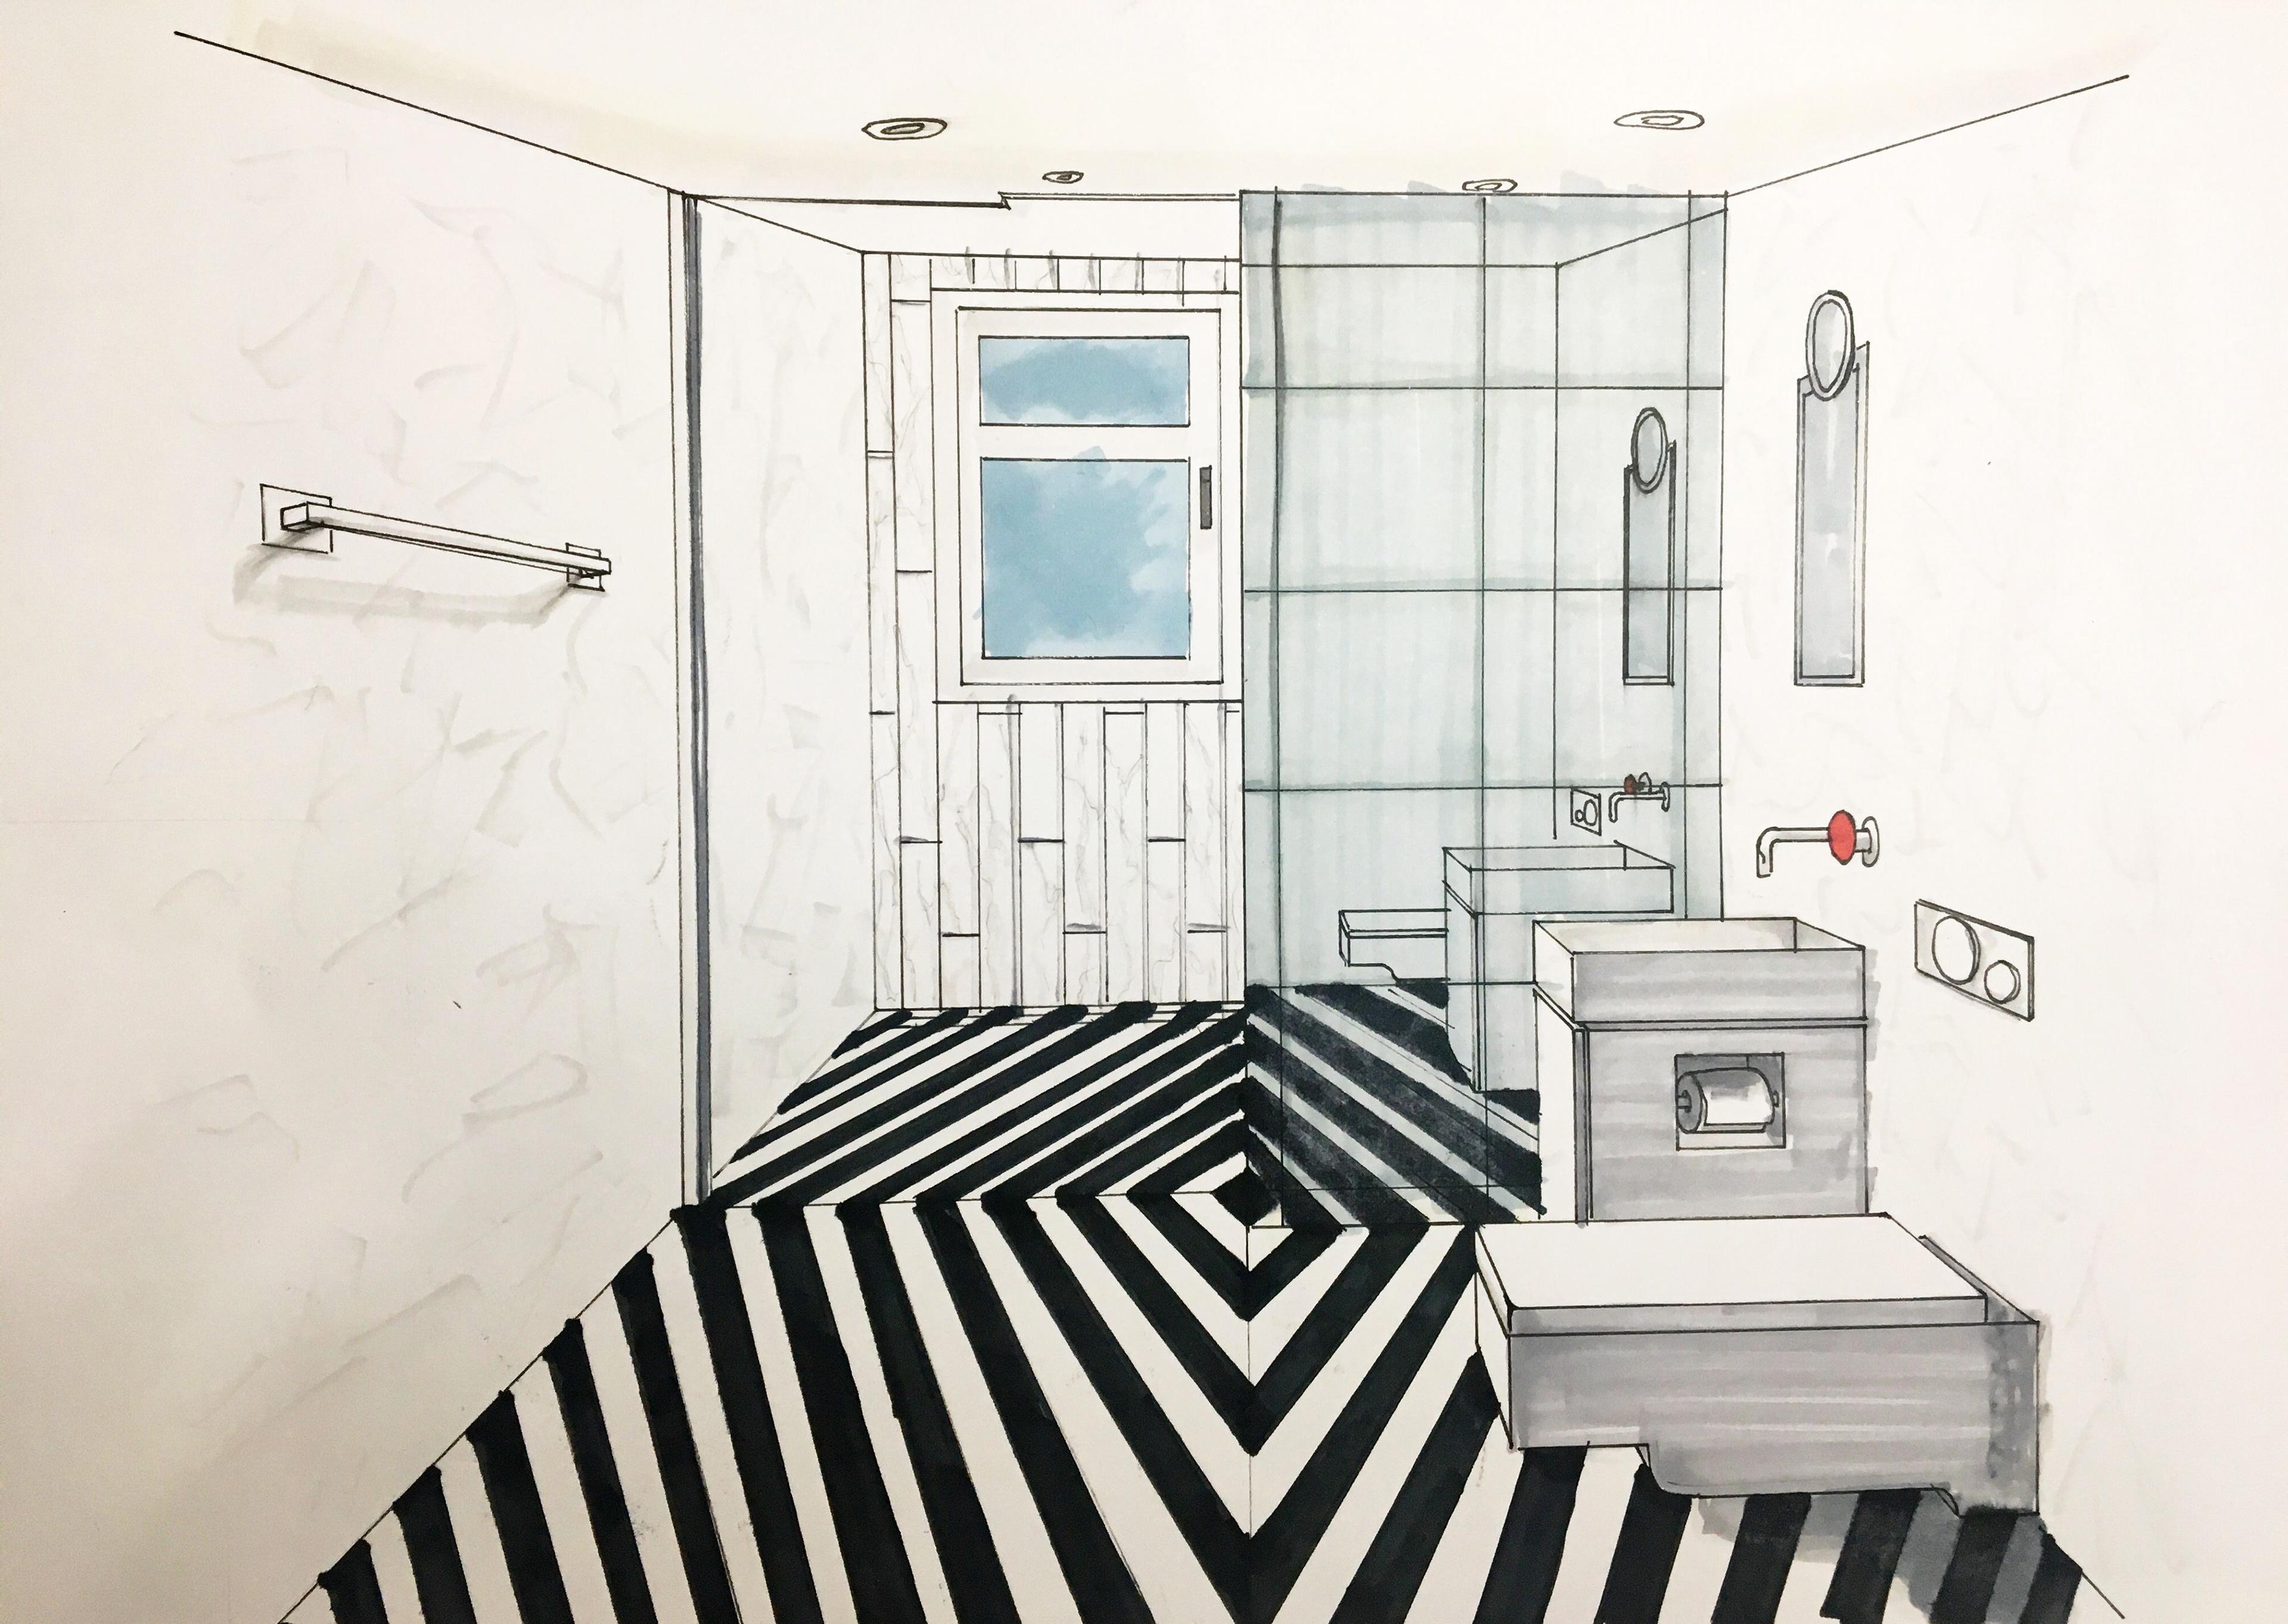 Bathroom Salle De Bain ugo signorello - rénovation salle de bain / bathroom